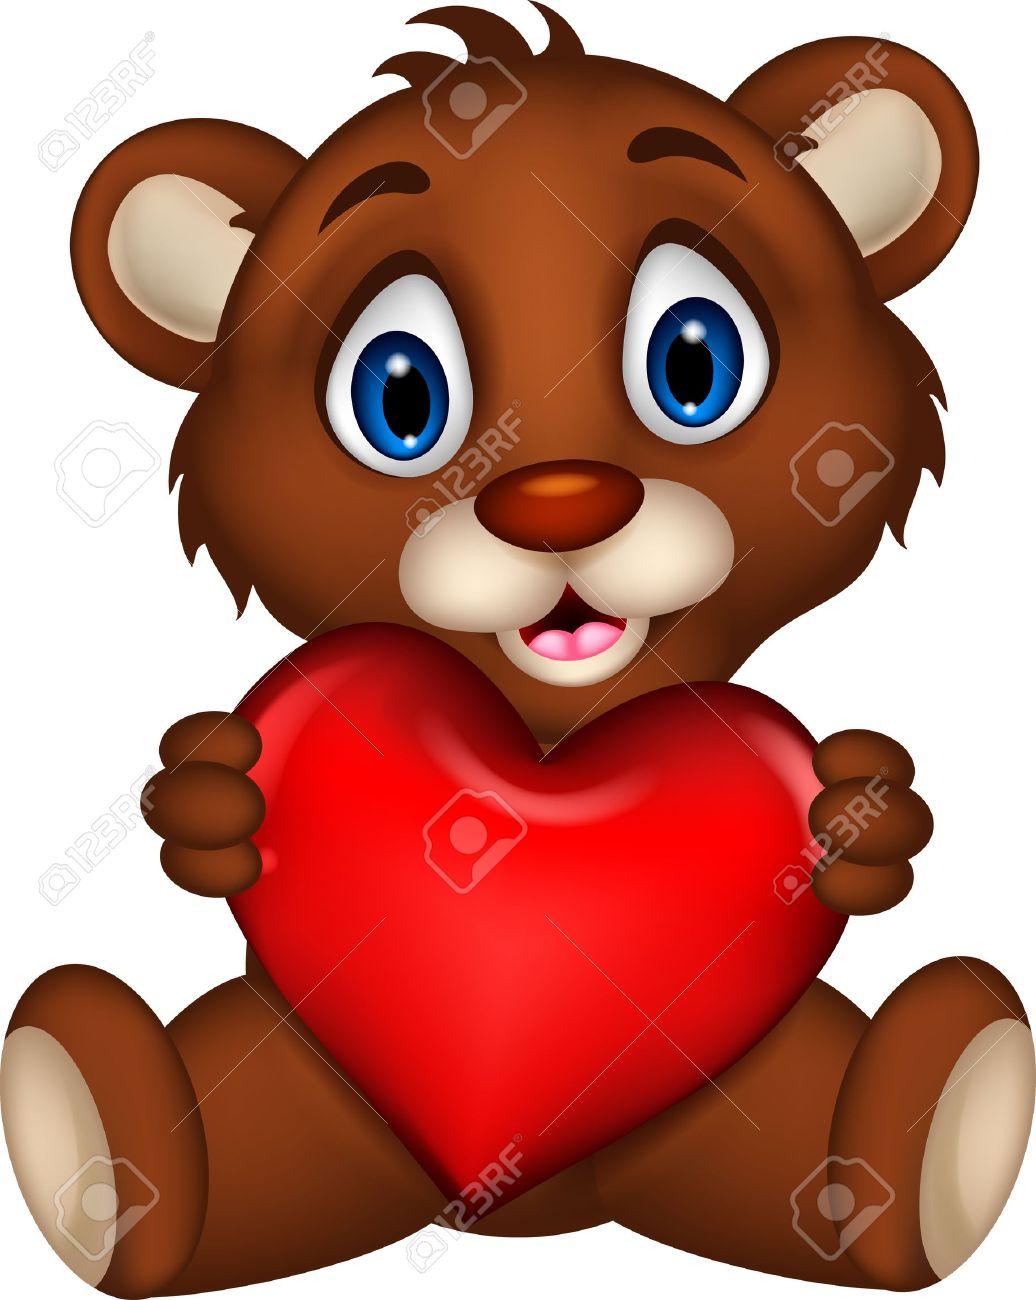 Dessin Amoureux Mignon mignon bébé ours brun dessin animé posant avec amour de coeur clip